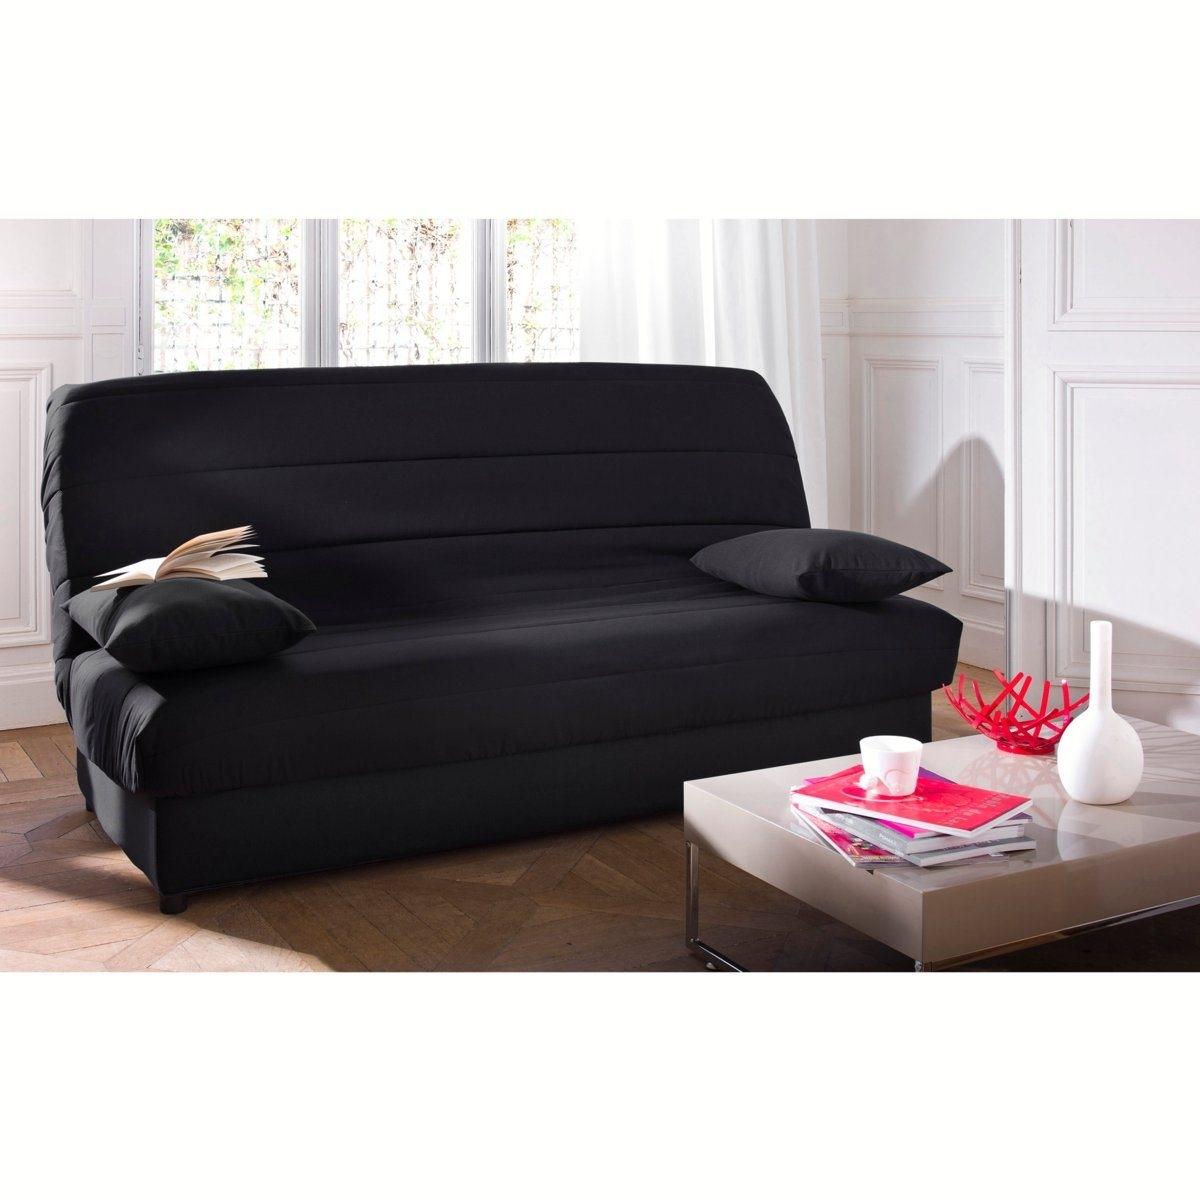 Чехол La Redoute Стеганый из поликоттона для раскладного дивана ASARET единый размер черный